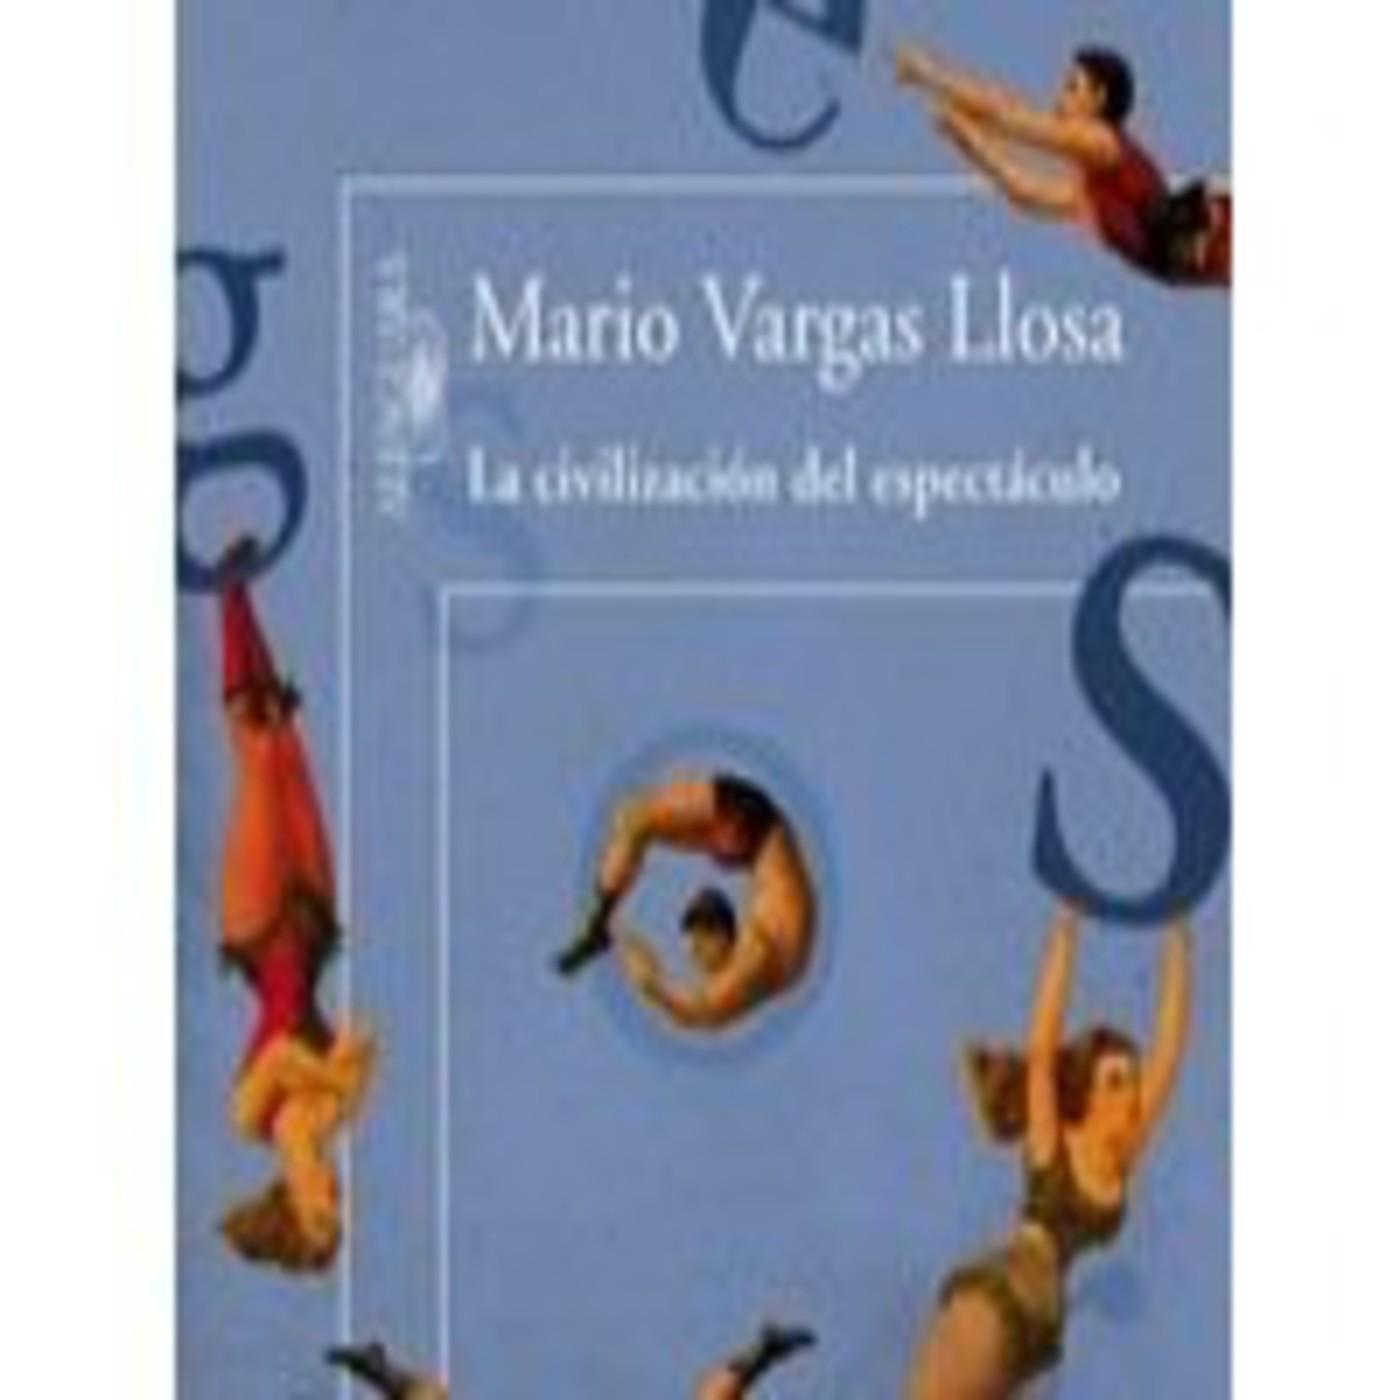 Mario vargas llosa la civilizaci n del espect culo cap for Novedades del espectaculo